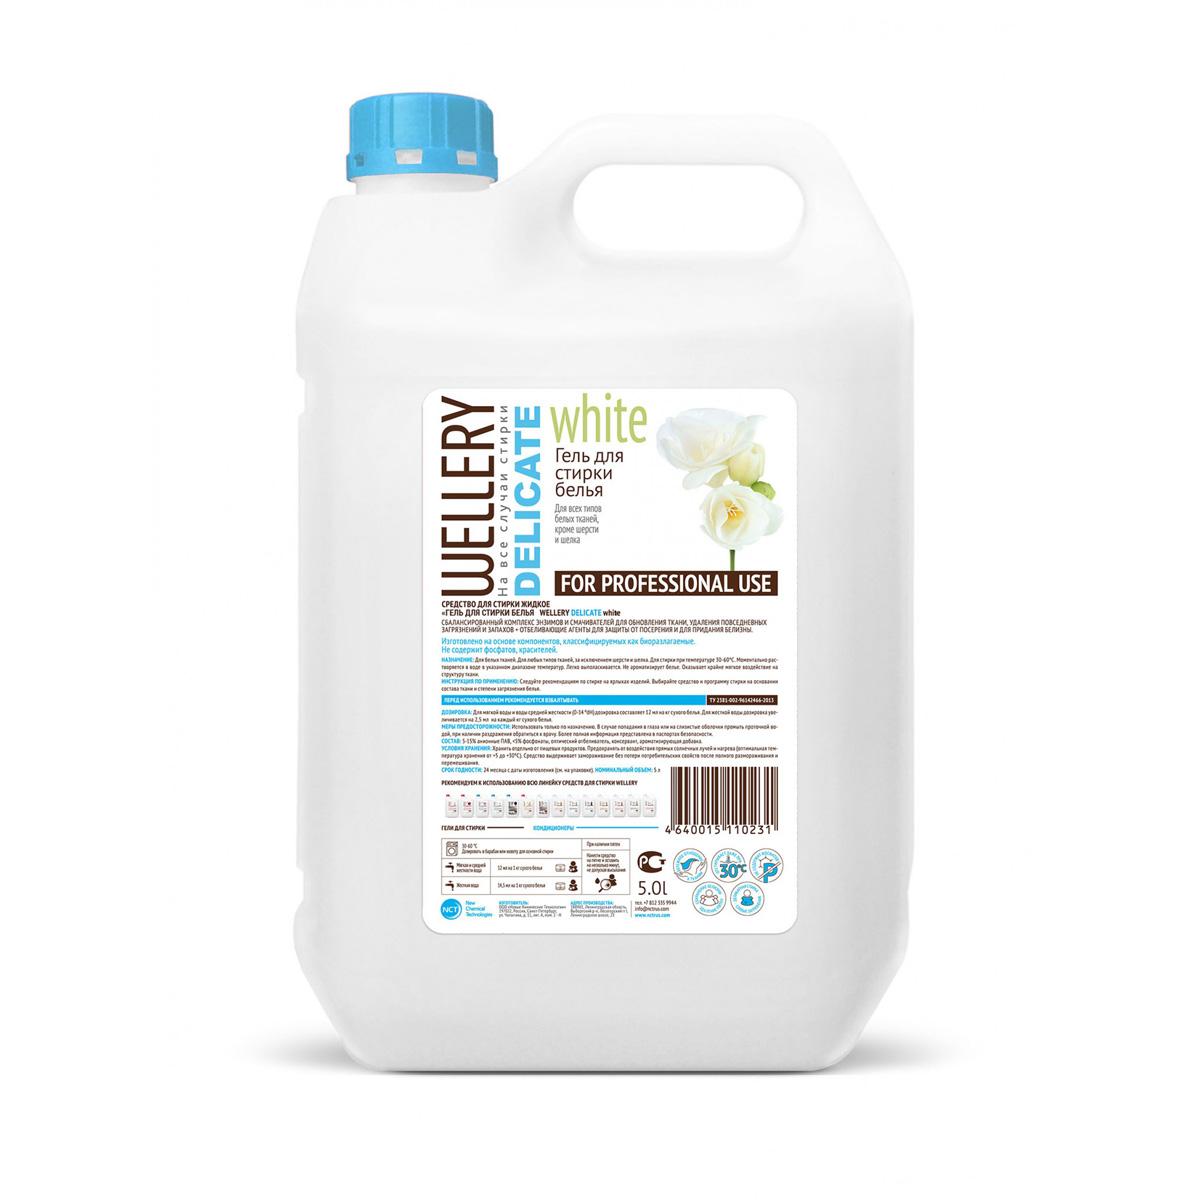 Гель для стирки Wellery Delicate white, для белого белья, 5 л4640015110231Гель для стирки для белого белья. Придает белизну. Отстирывает сильные загрязенения и даже застарелые пятна. Полностью вымывается из ткани. Бережно относится к вещам.